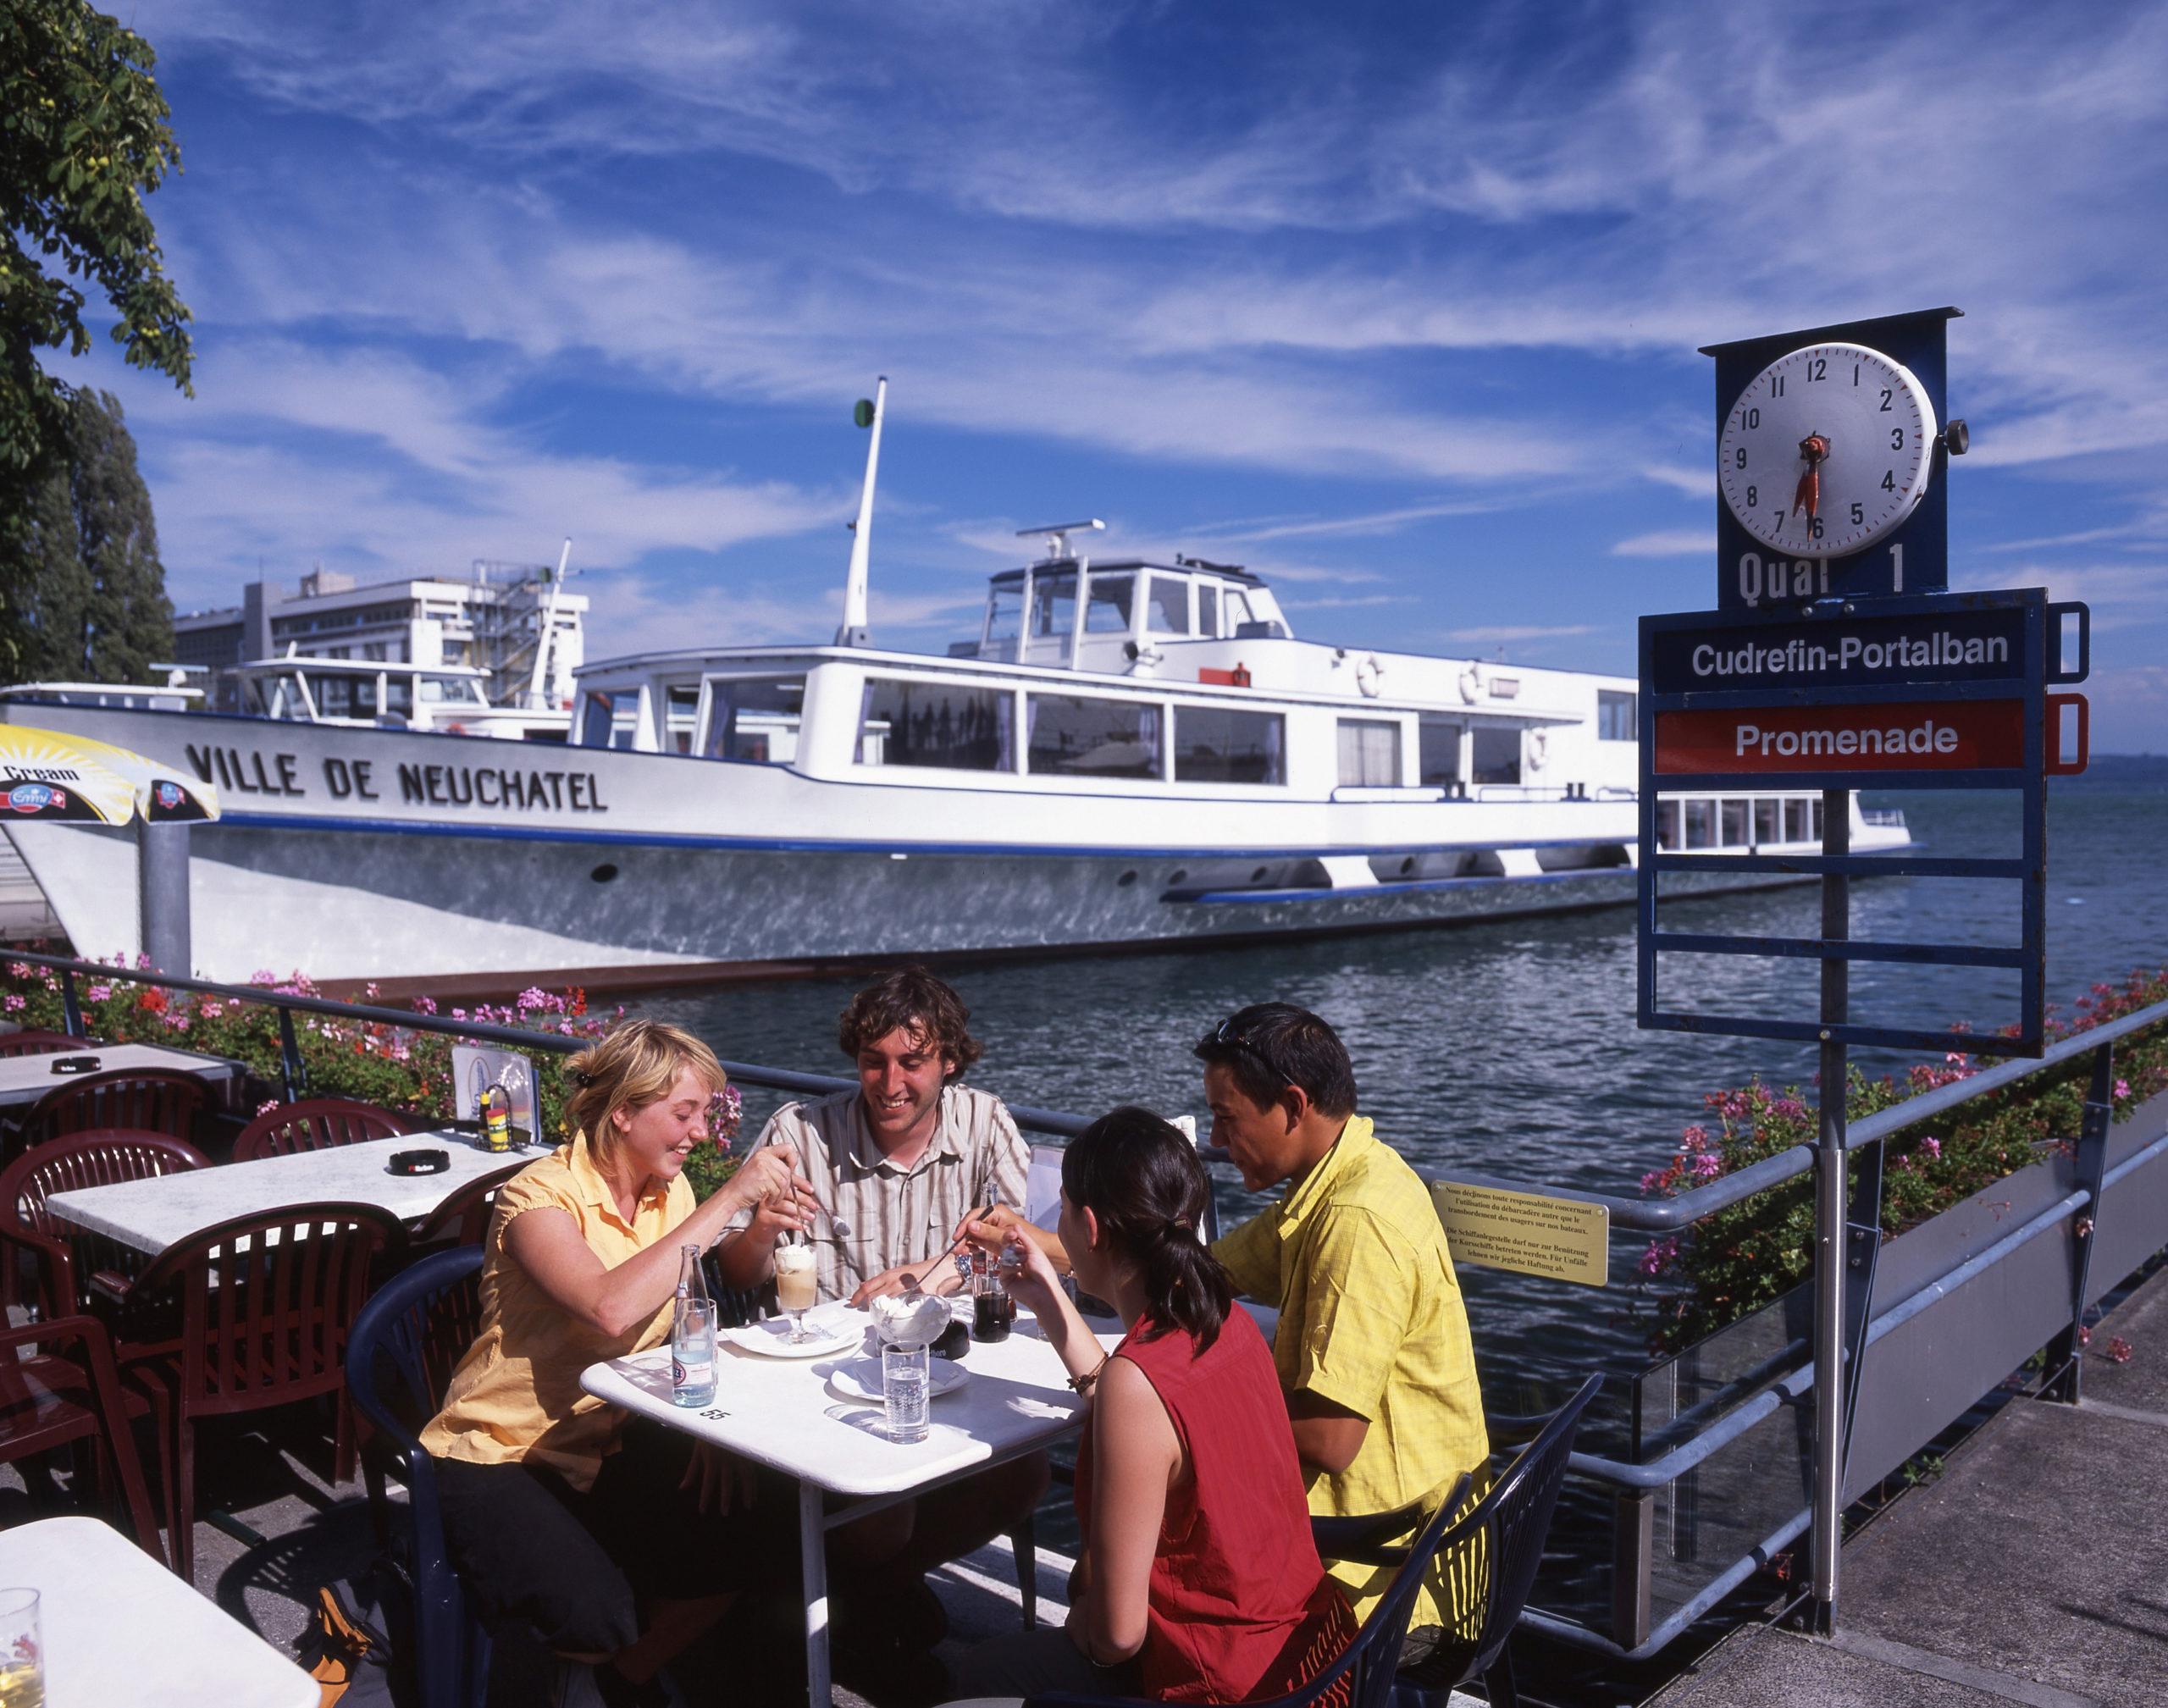 Croisière sur le lac de Neuchâtel